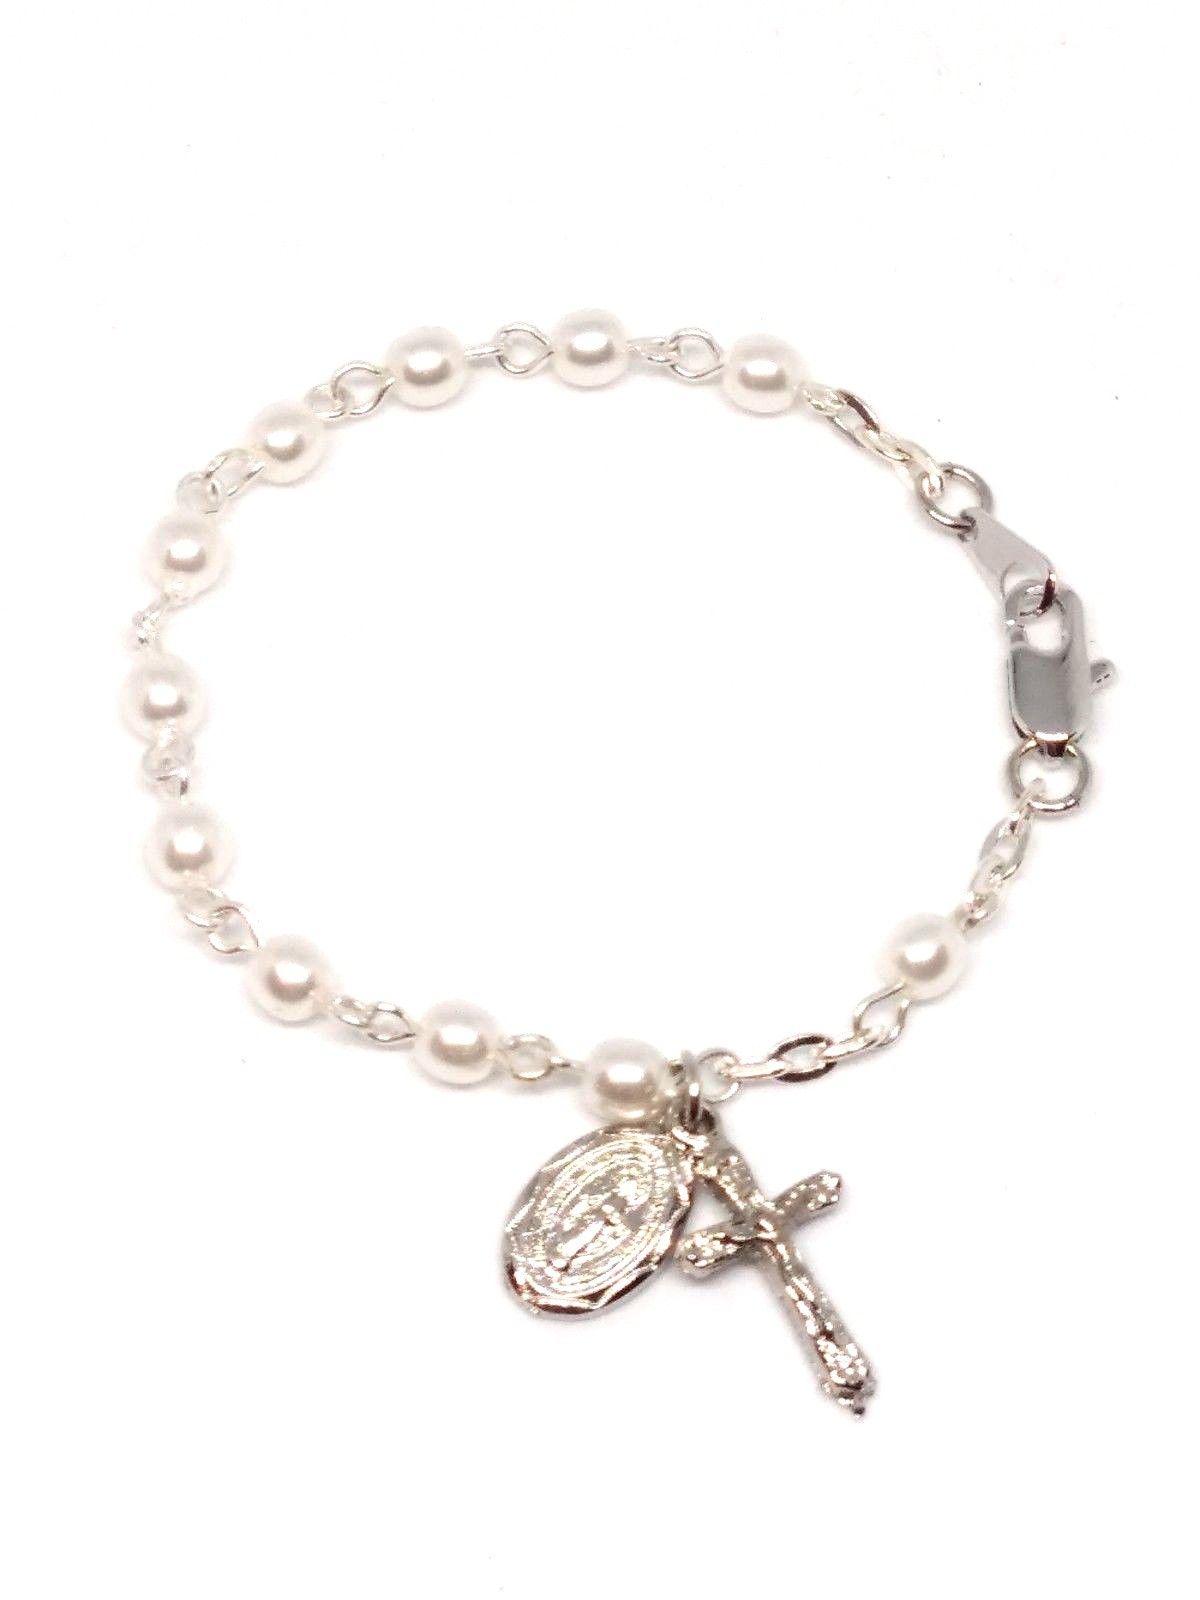 Infant Baptism Bracelet Alert Bracelet